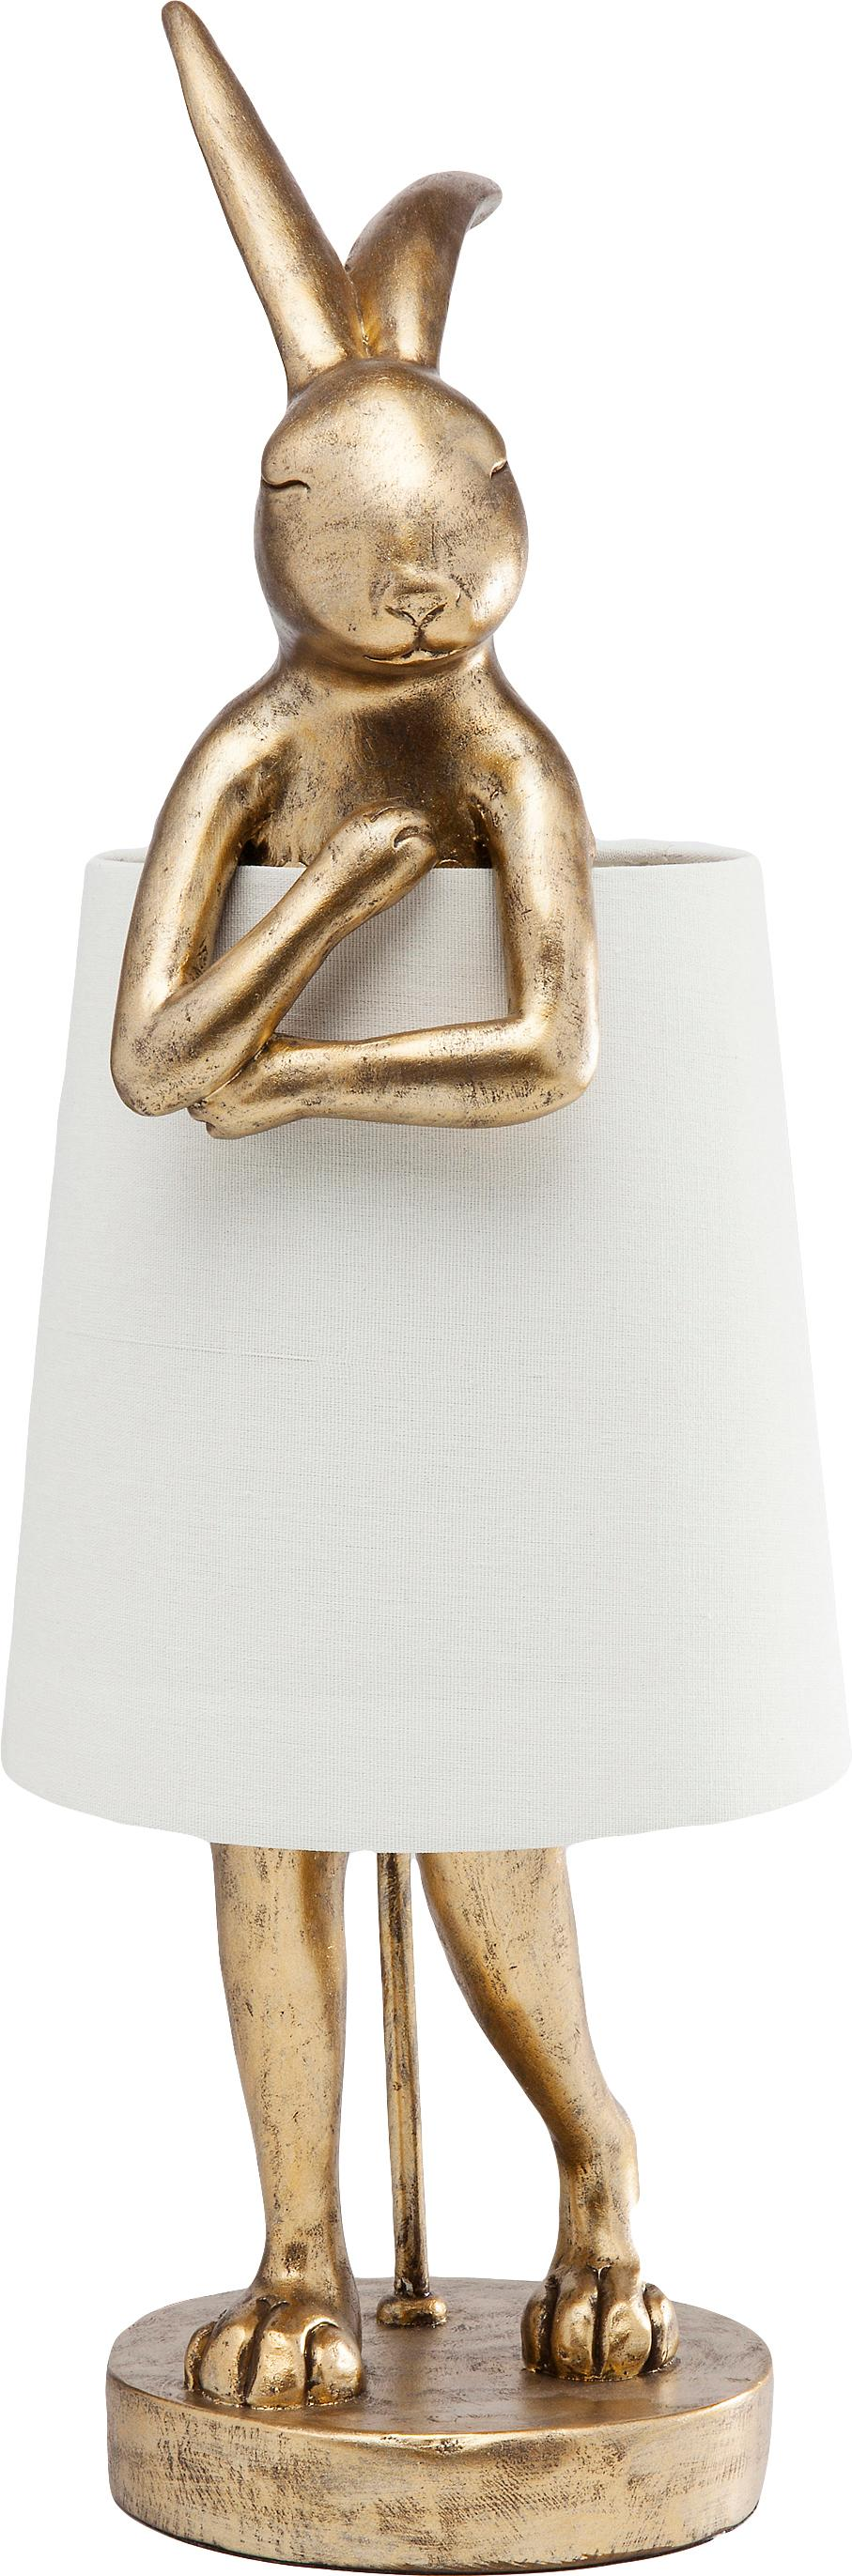 Grosse Design-Tischlampe Rabbit, Lampenschirm: Leinen, Stange: Stahl, pulverbeschichtet, Weiss, Goldfarben, Ø 23 x H 68 cm